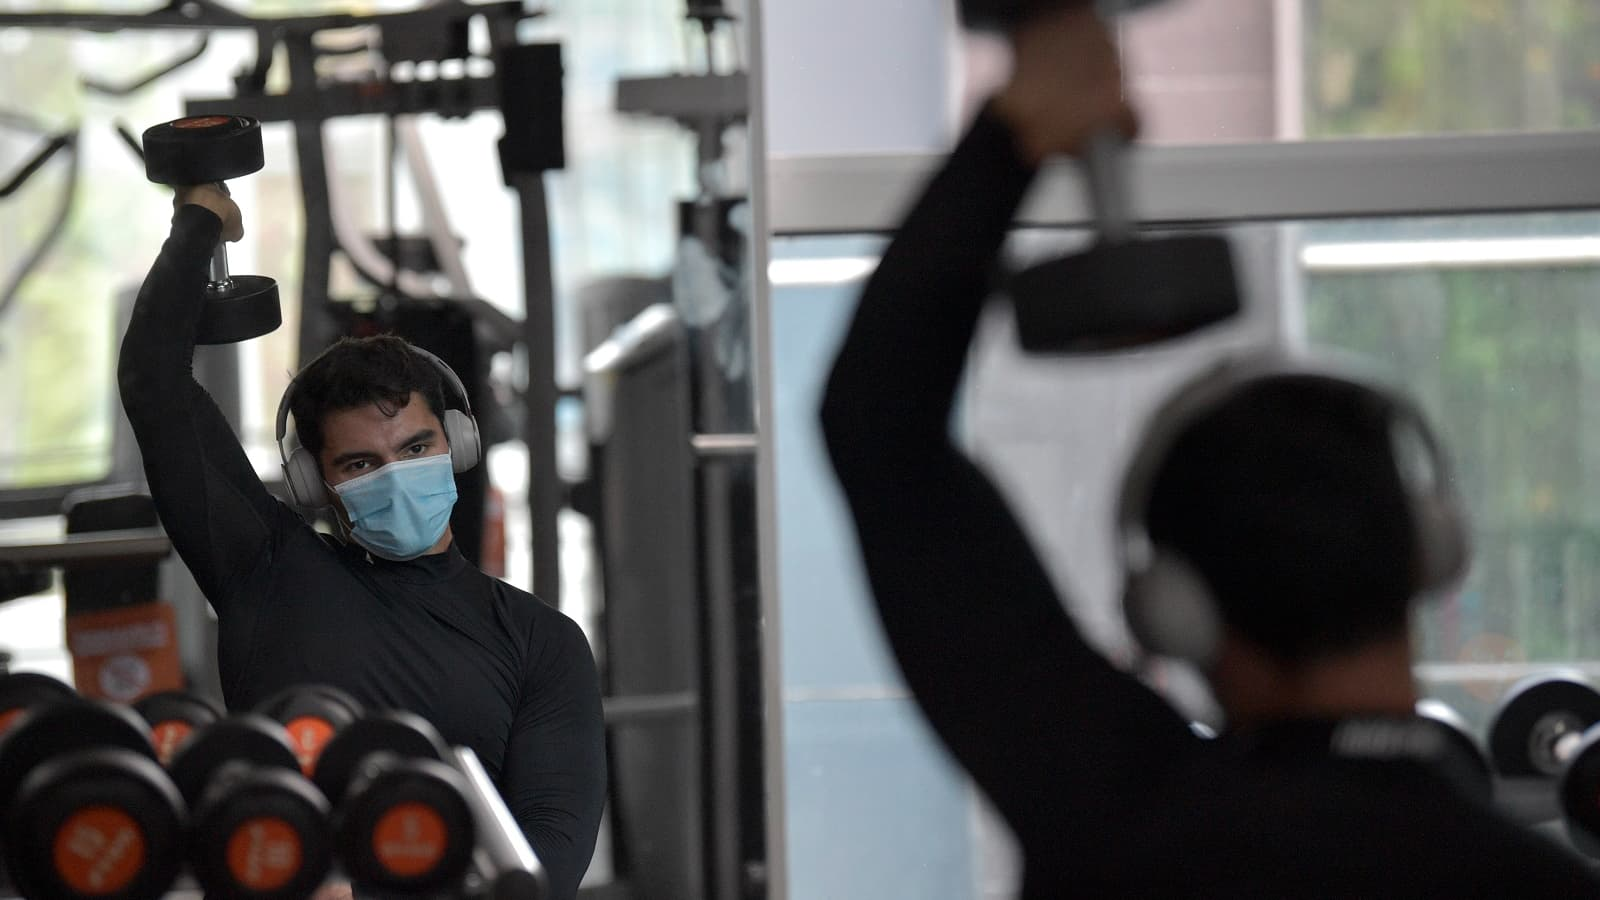 Décathlon s'apprête à lancer la production de son masque dédié au sport - BFMTV